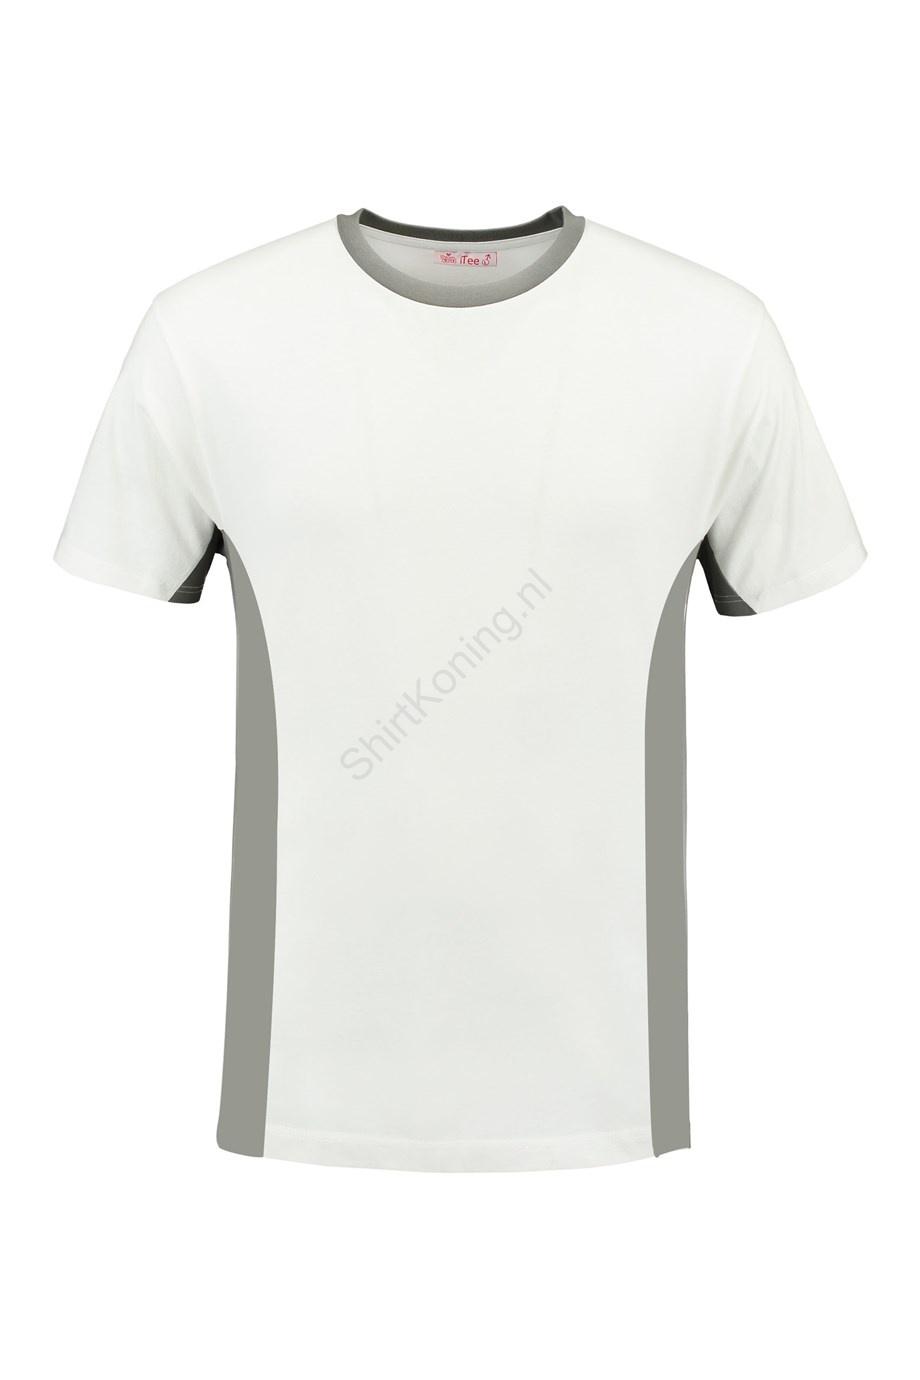 kleding-lemon&soda 4500